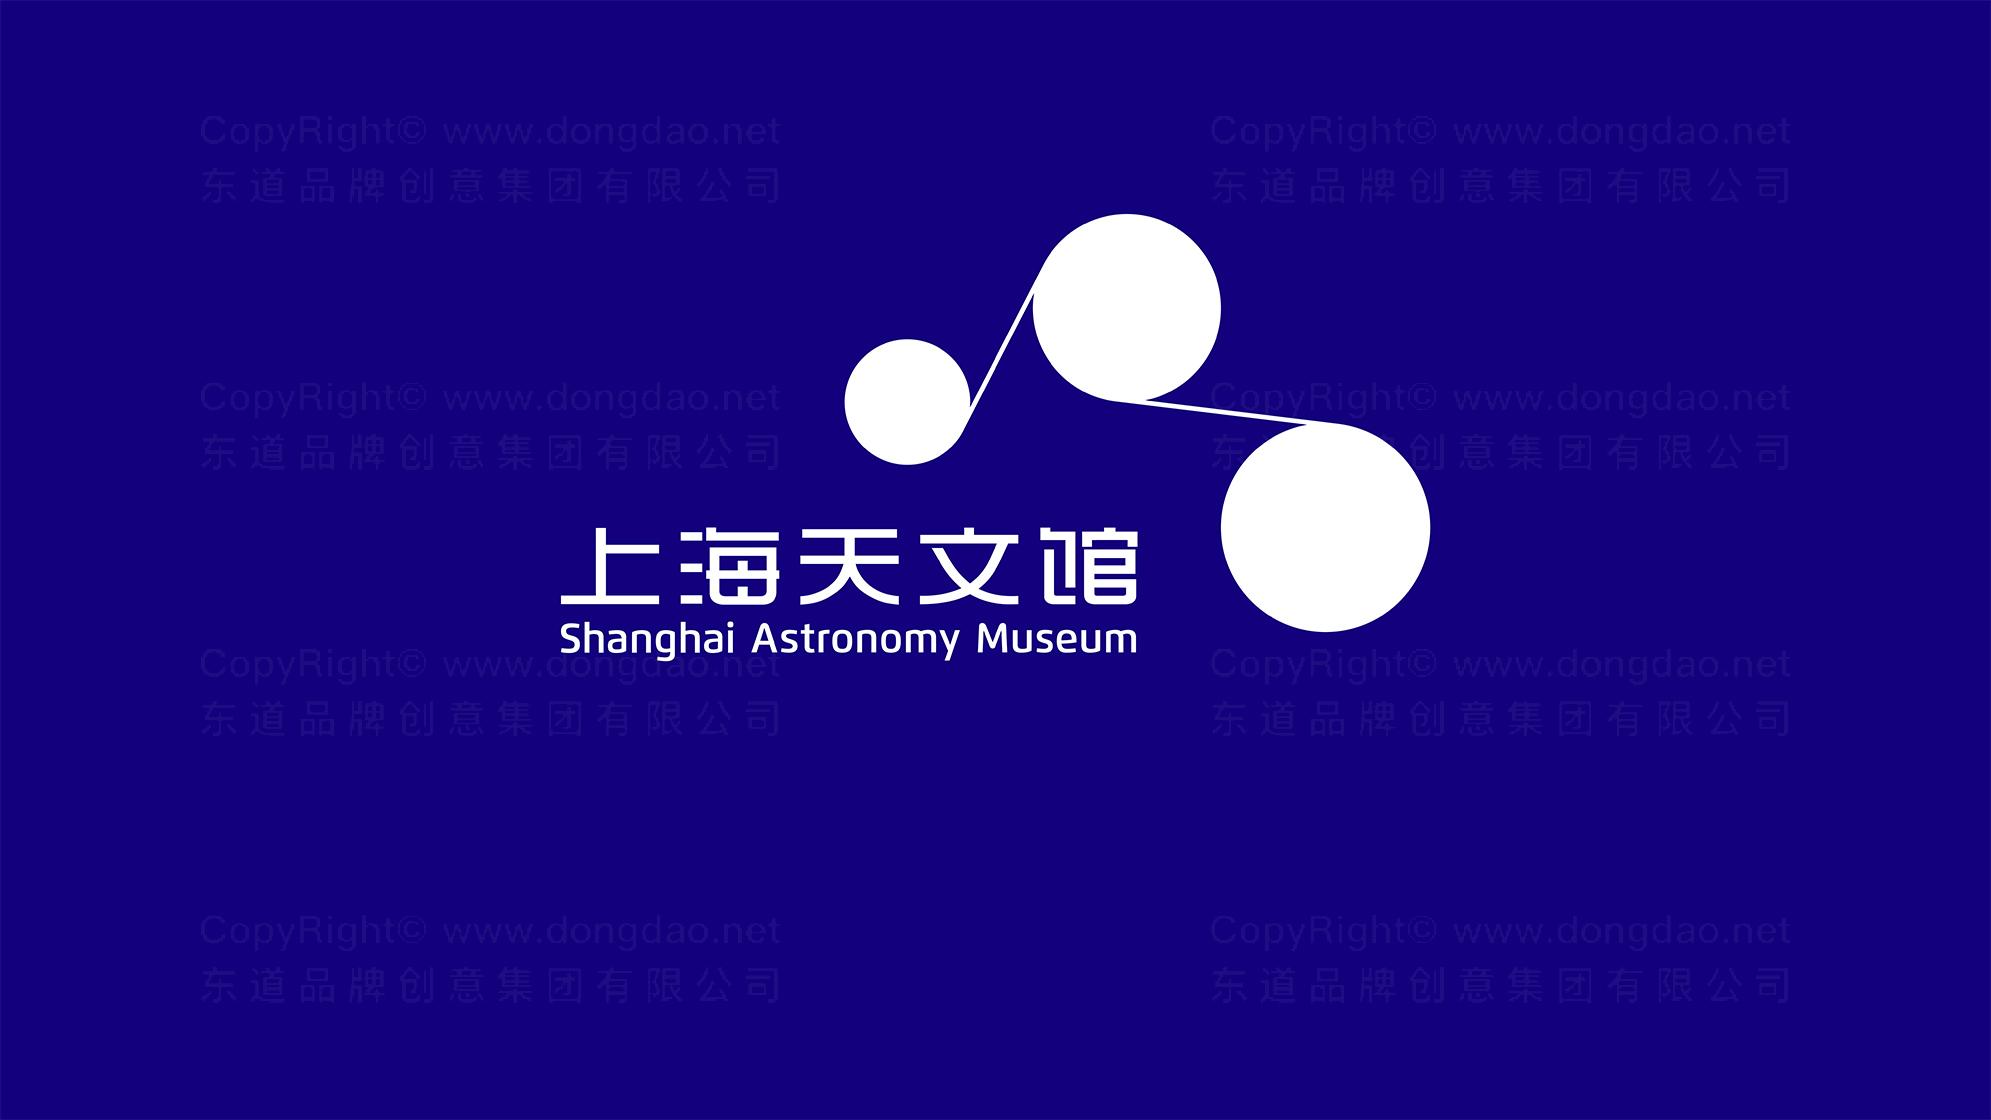 文体娱媒品牌设计上海天文馆LOGO&VI设计